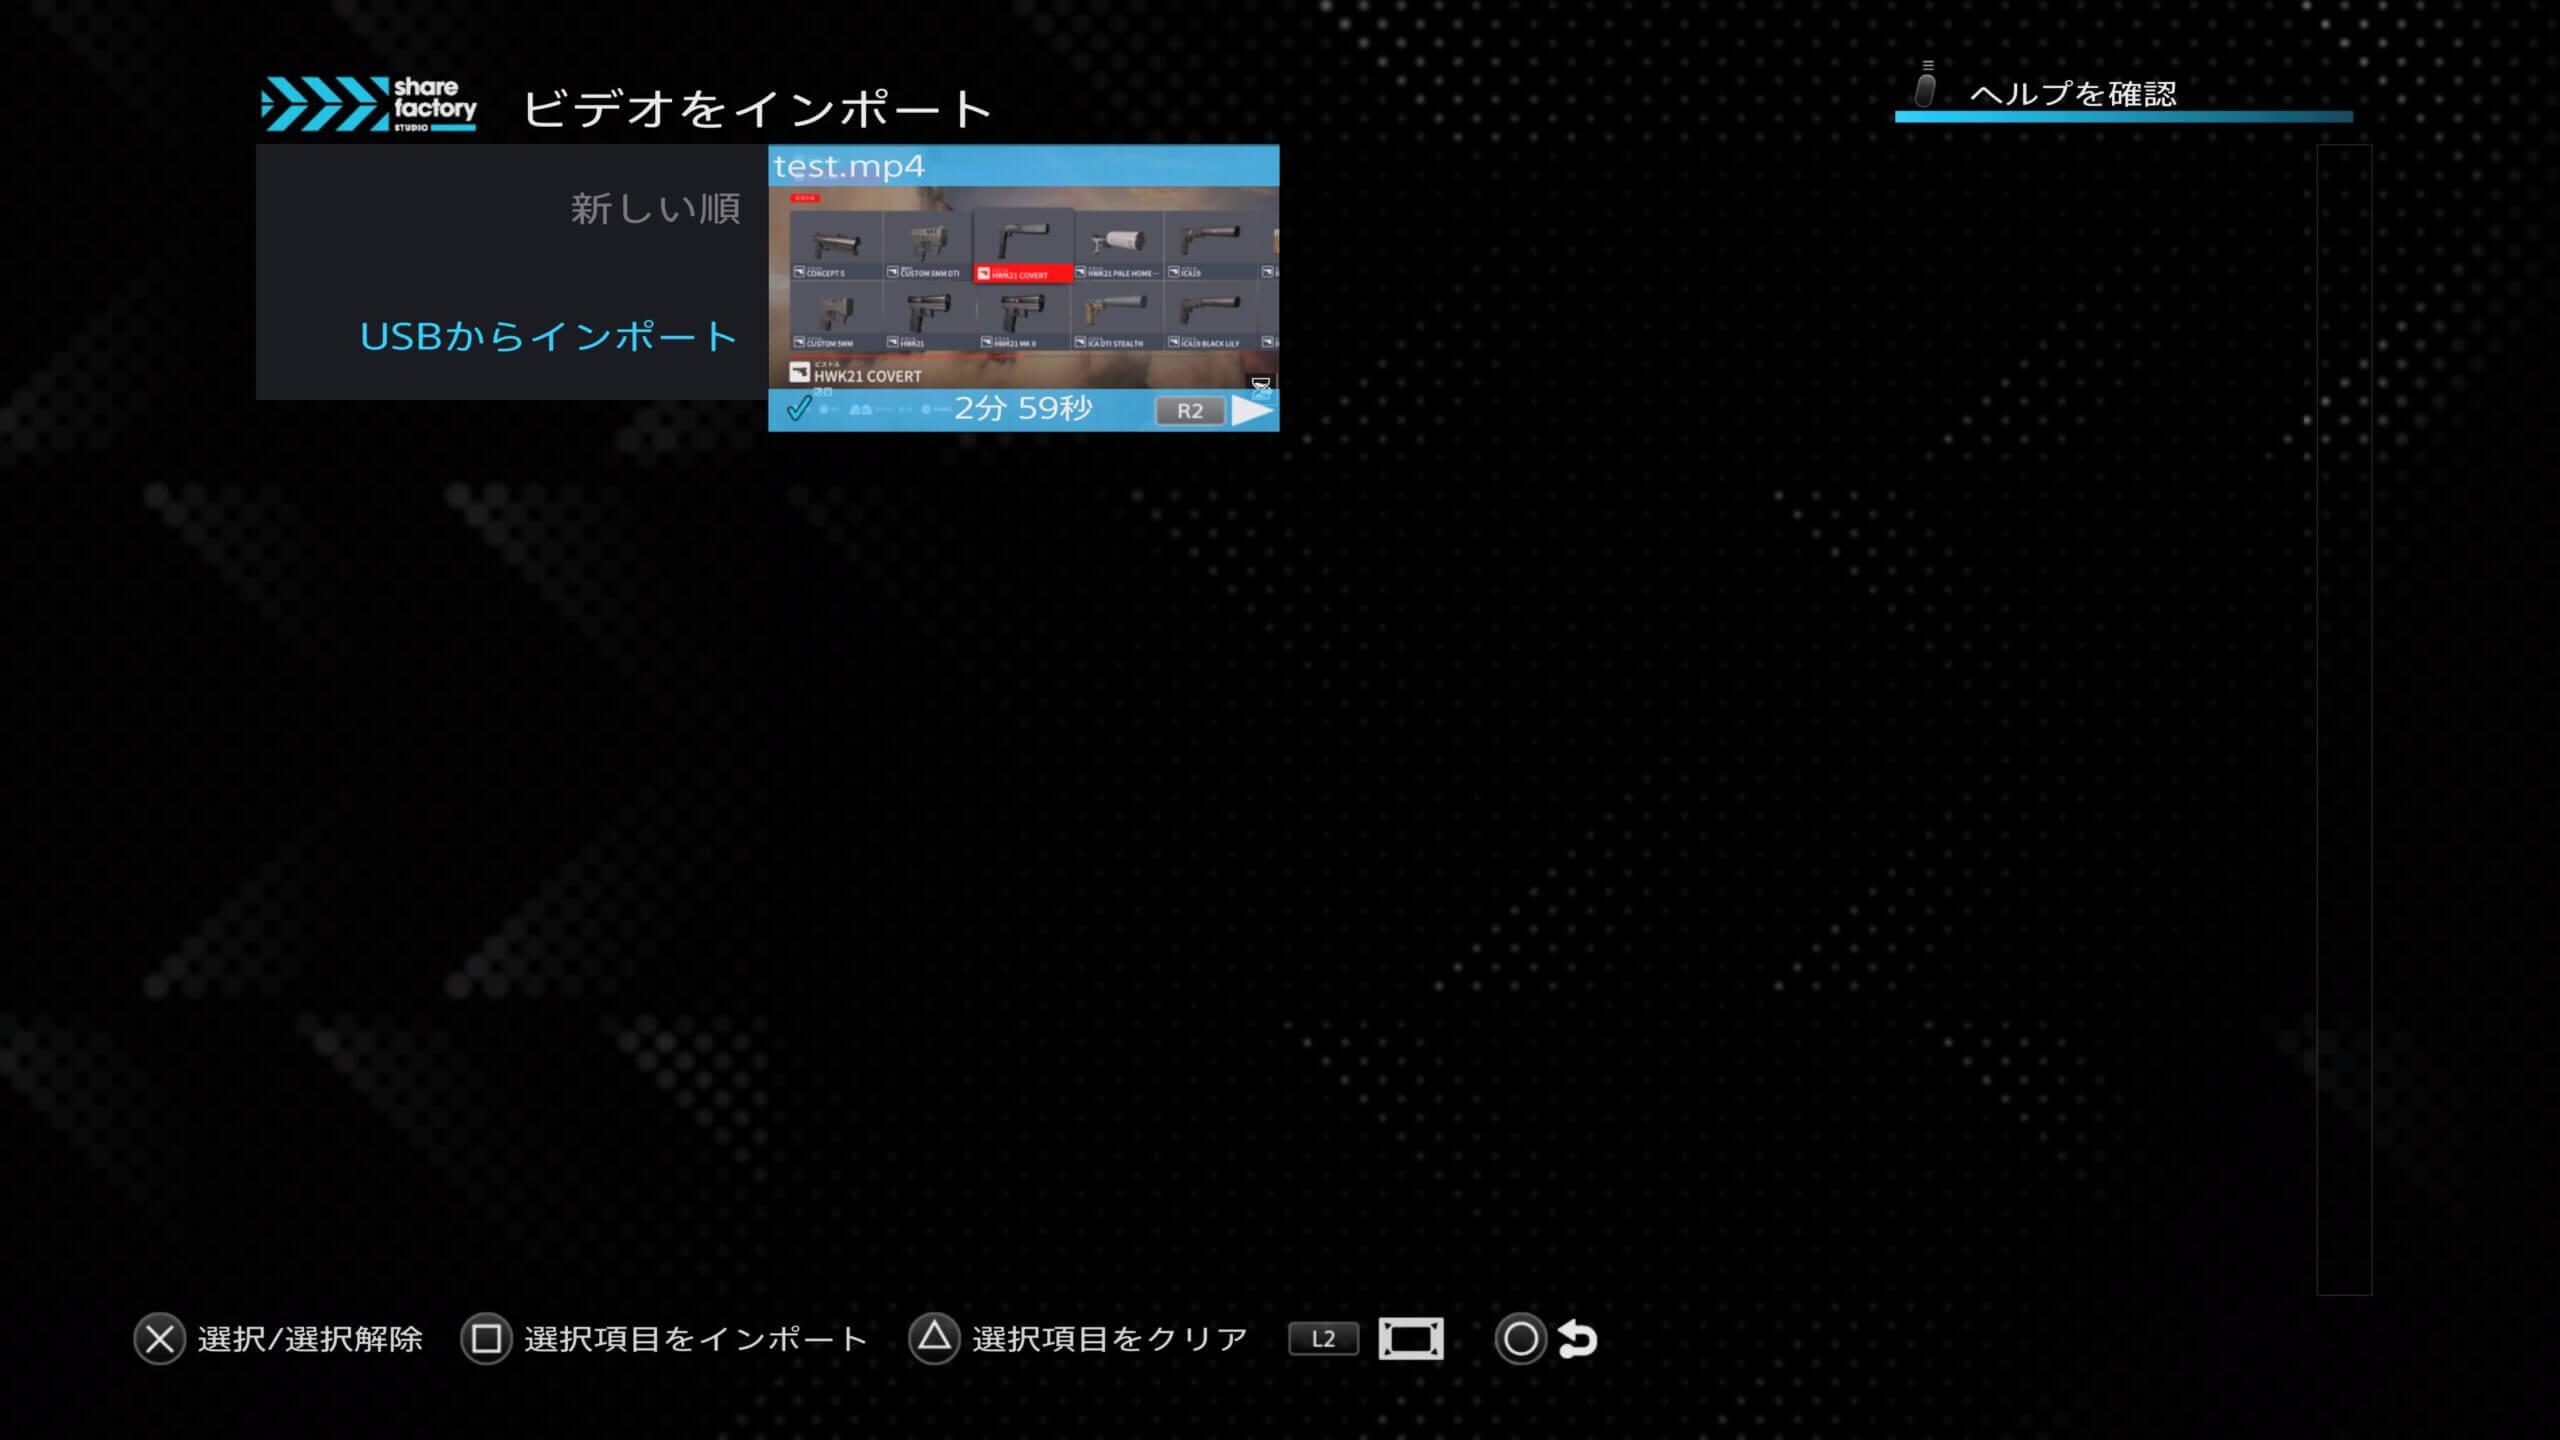 PS5 シェアファクトリー